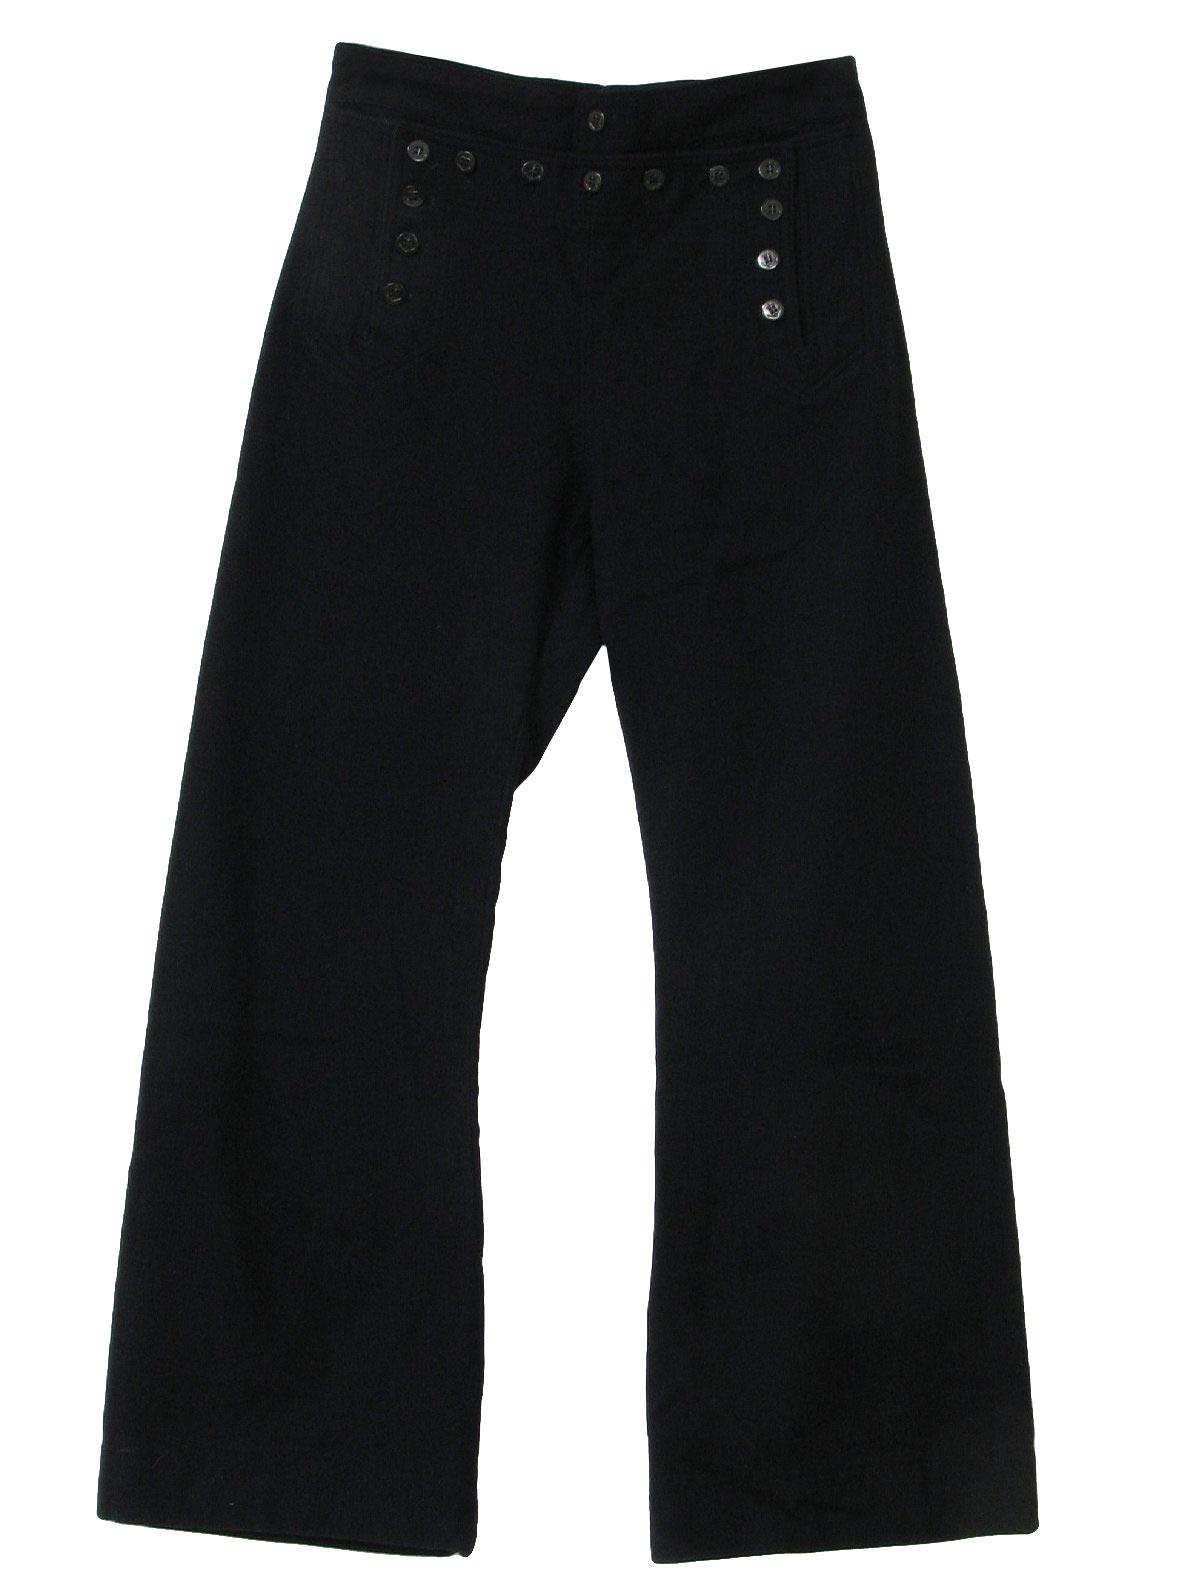 Navy choir bell bottom trousers